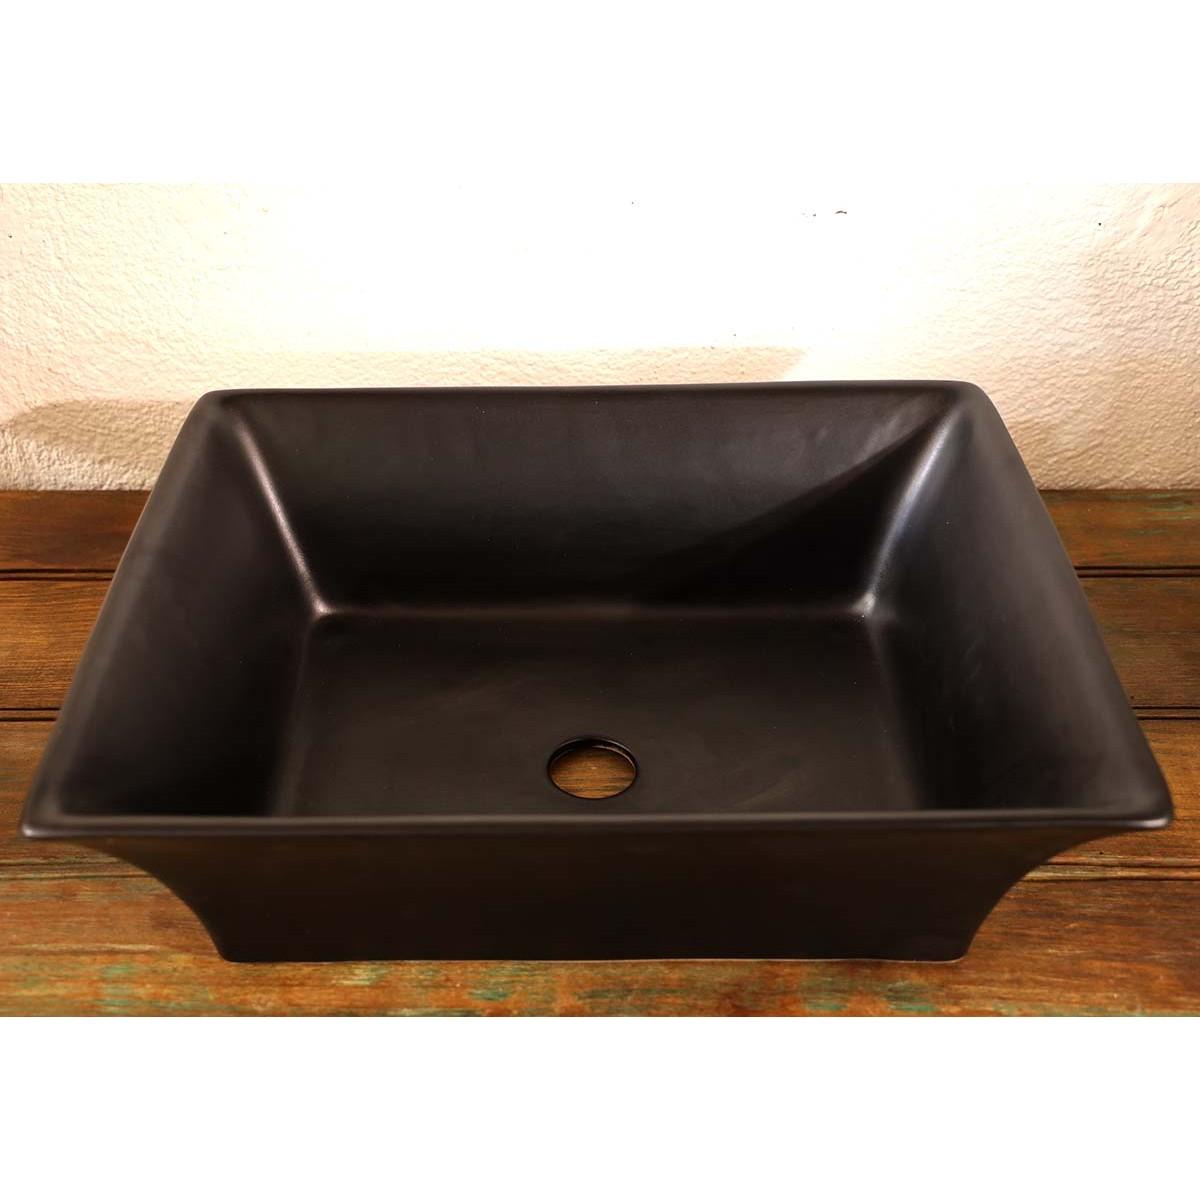 Vasques en céramique à poser